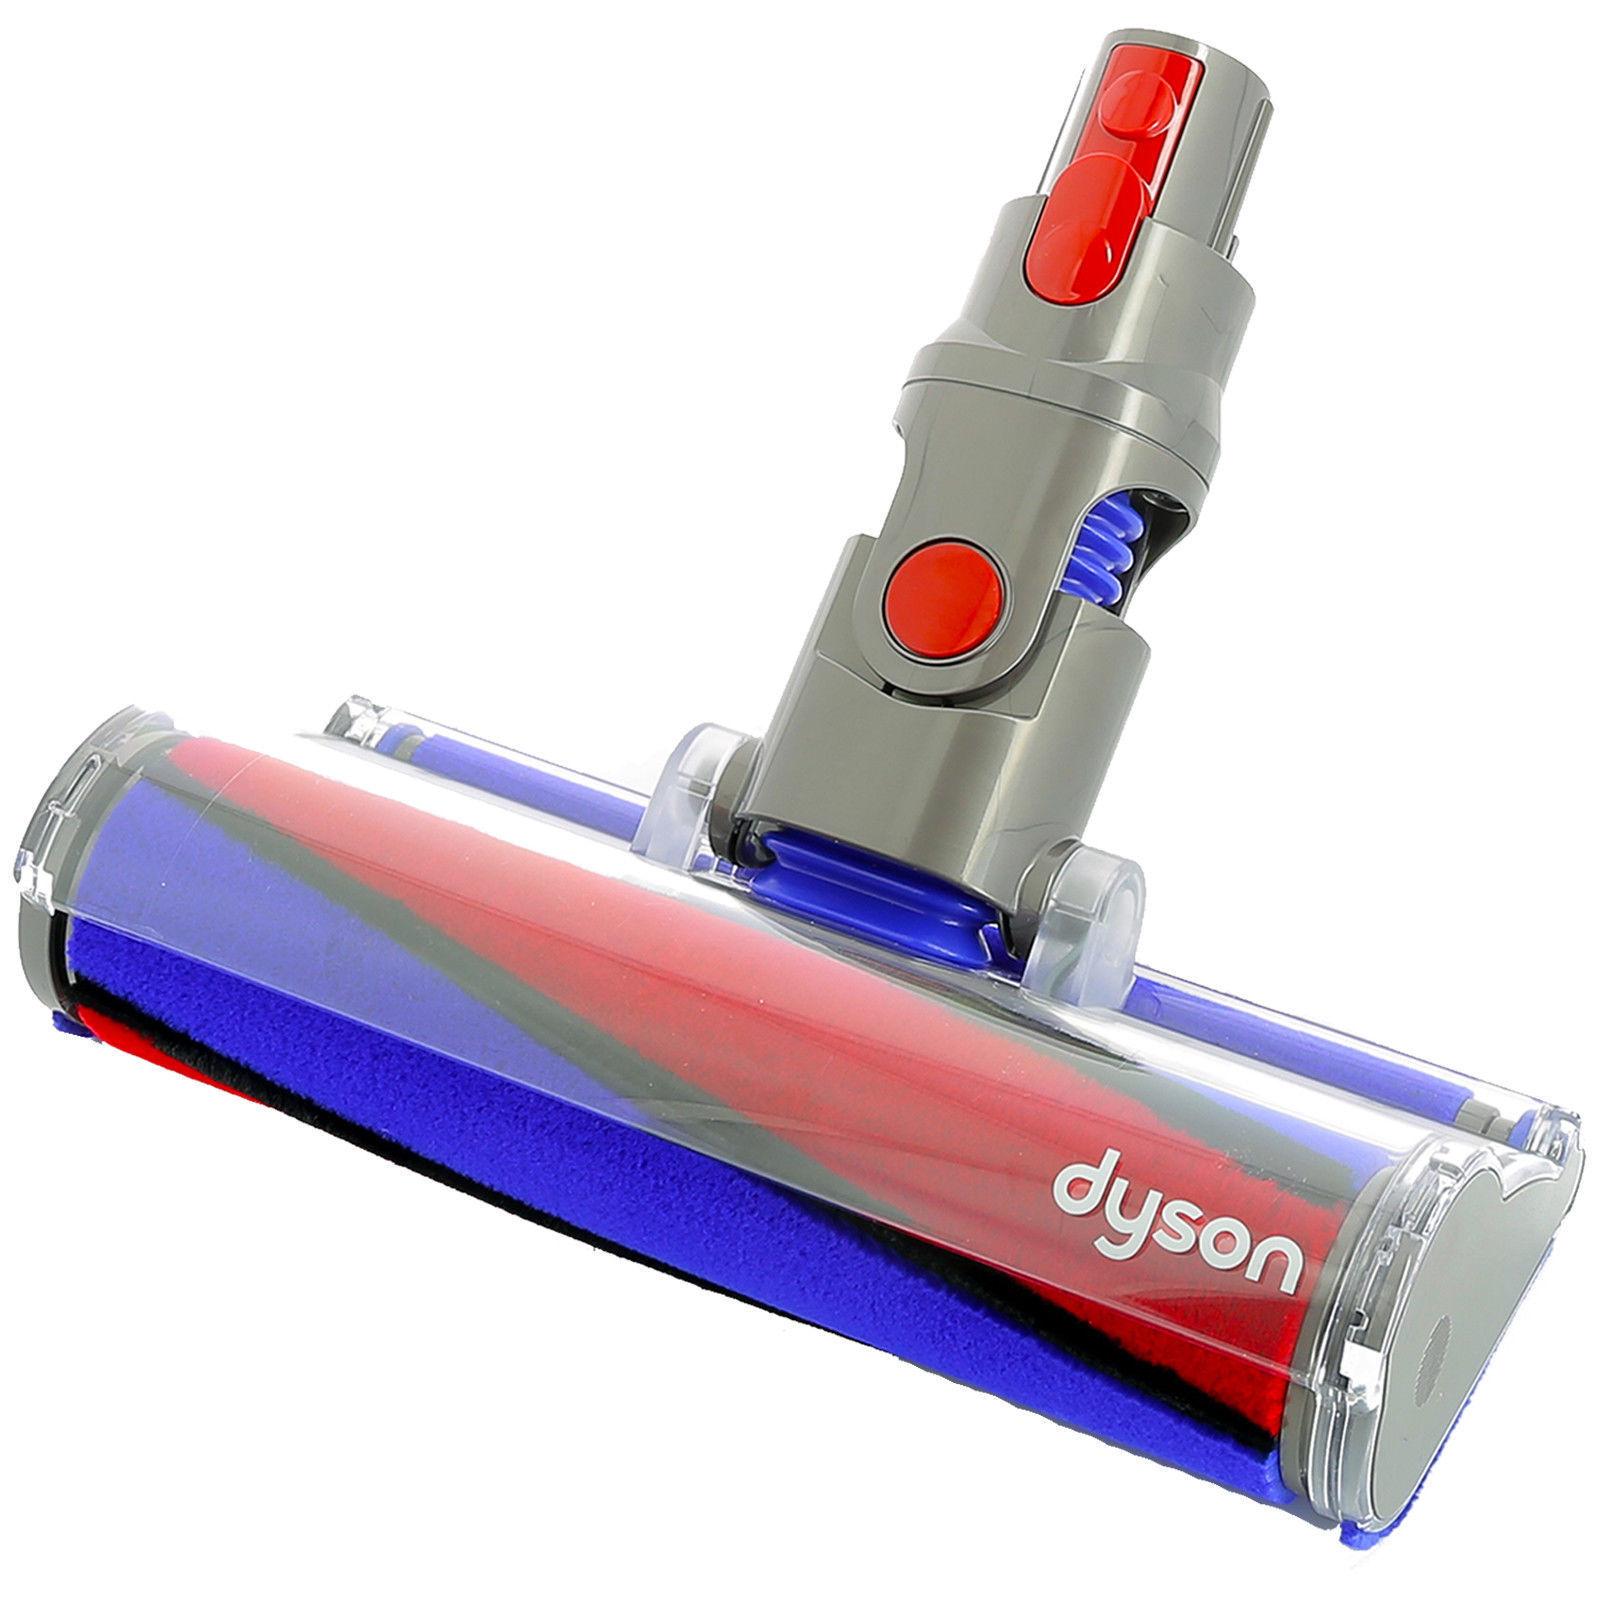 다이슨 정품 V8 소프트롤러 다이렉트 드라이브 헤드, 1개, 소프트롤러 클리너 헤드